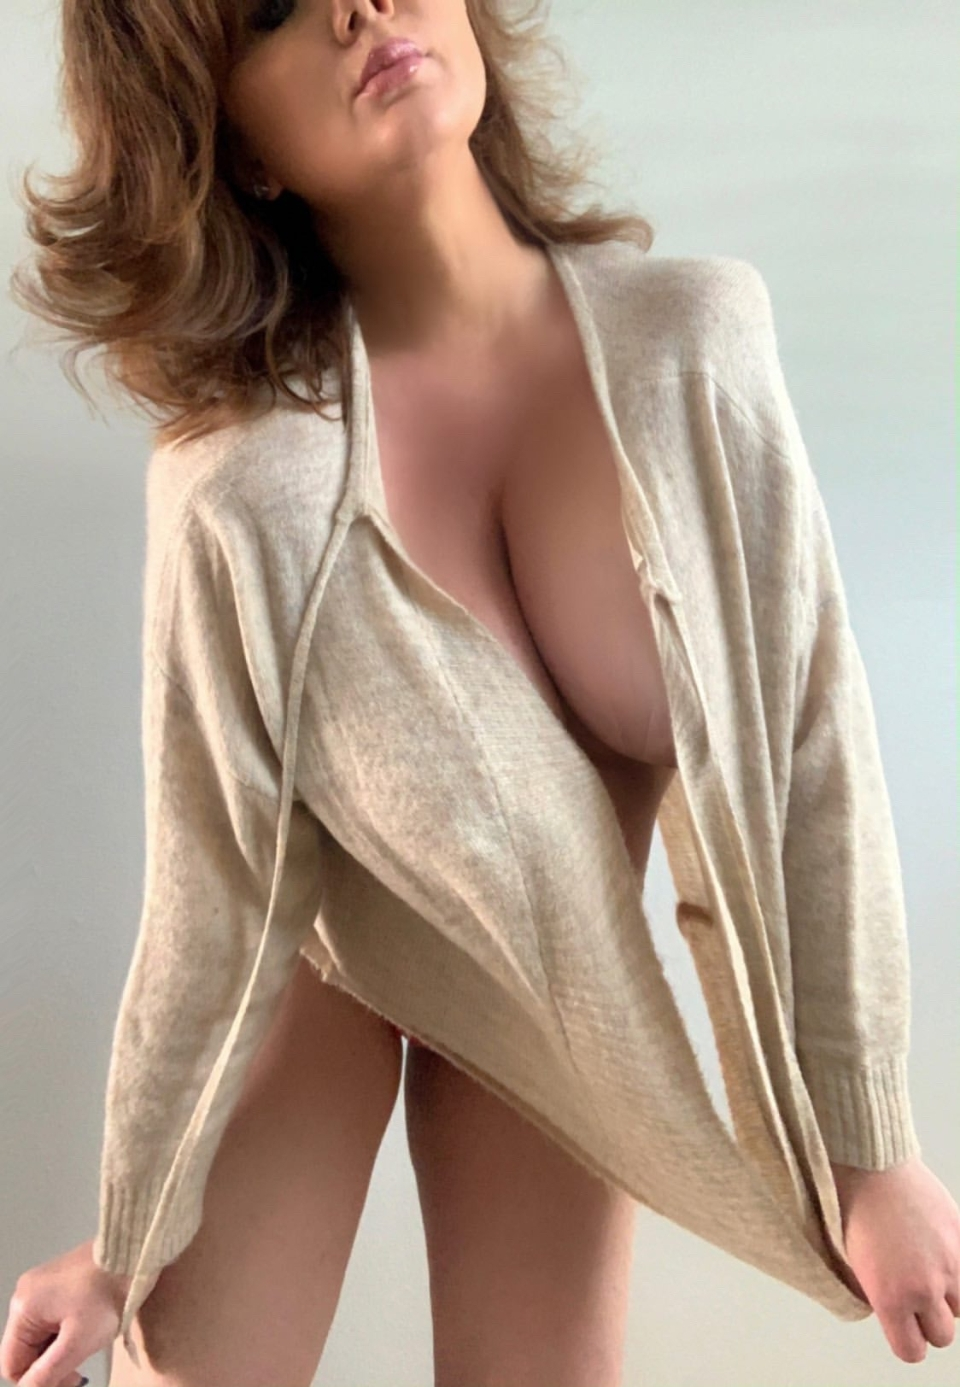 Подборка фотографий с сексуальными девушками - «Хорошее настроение»